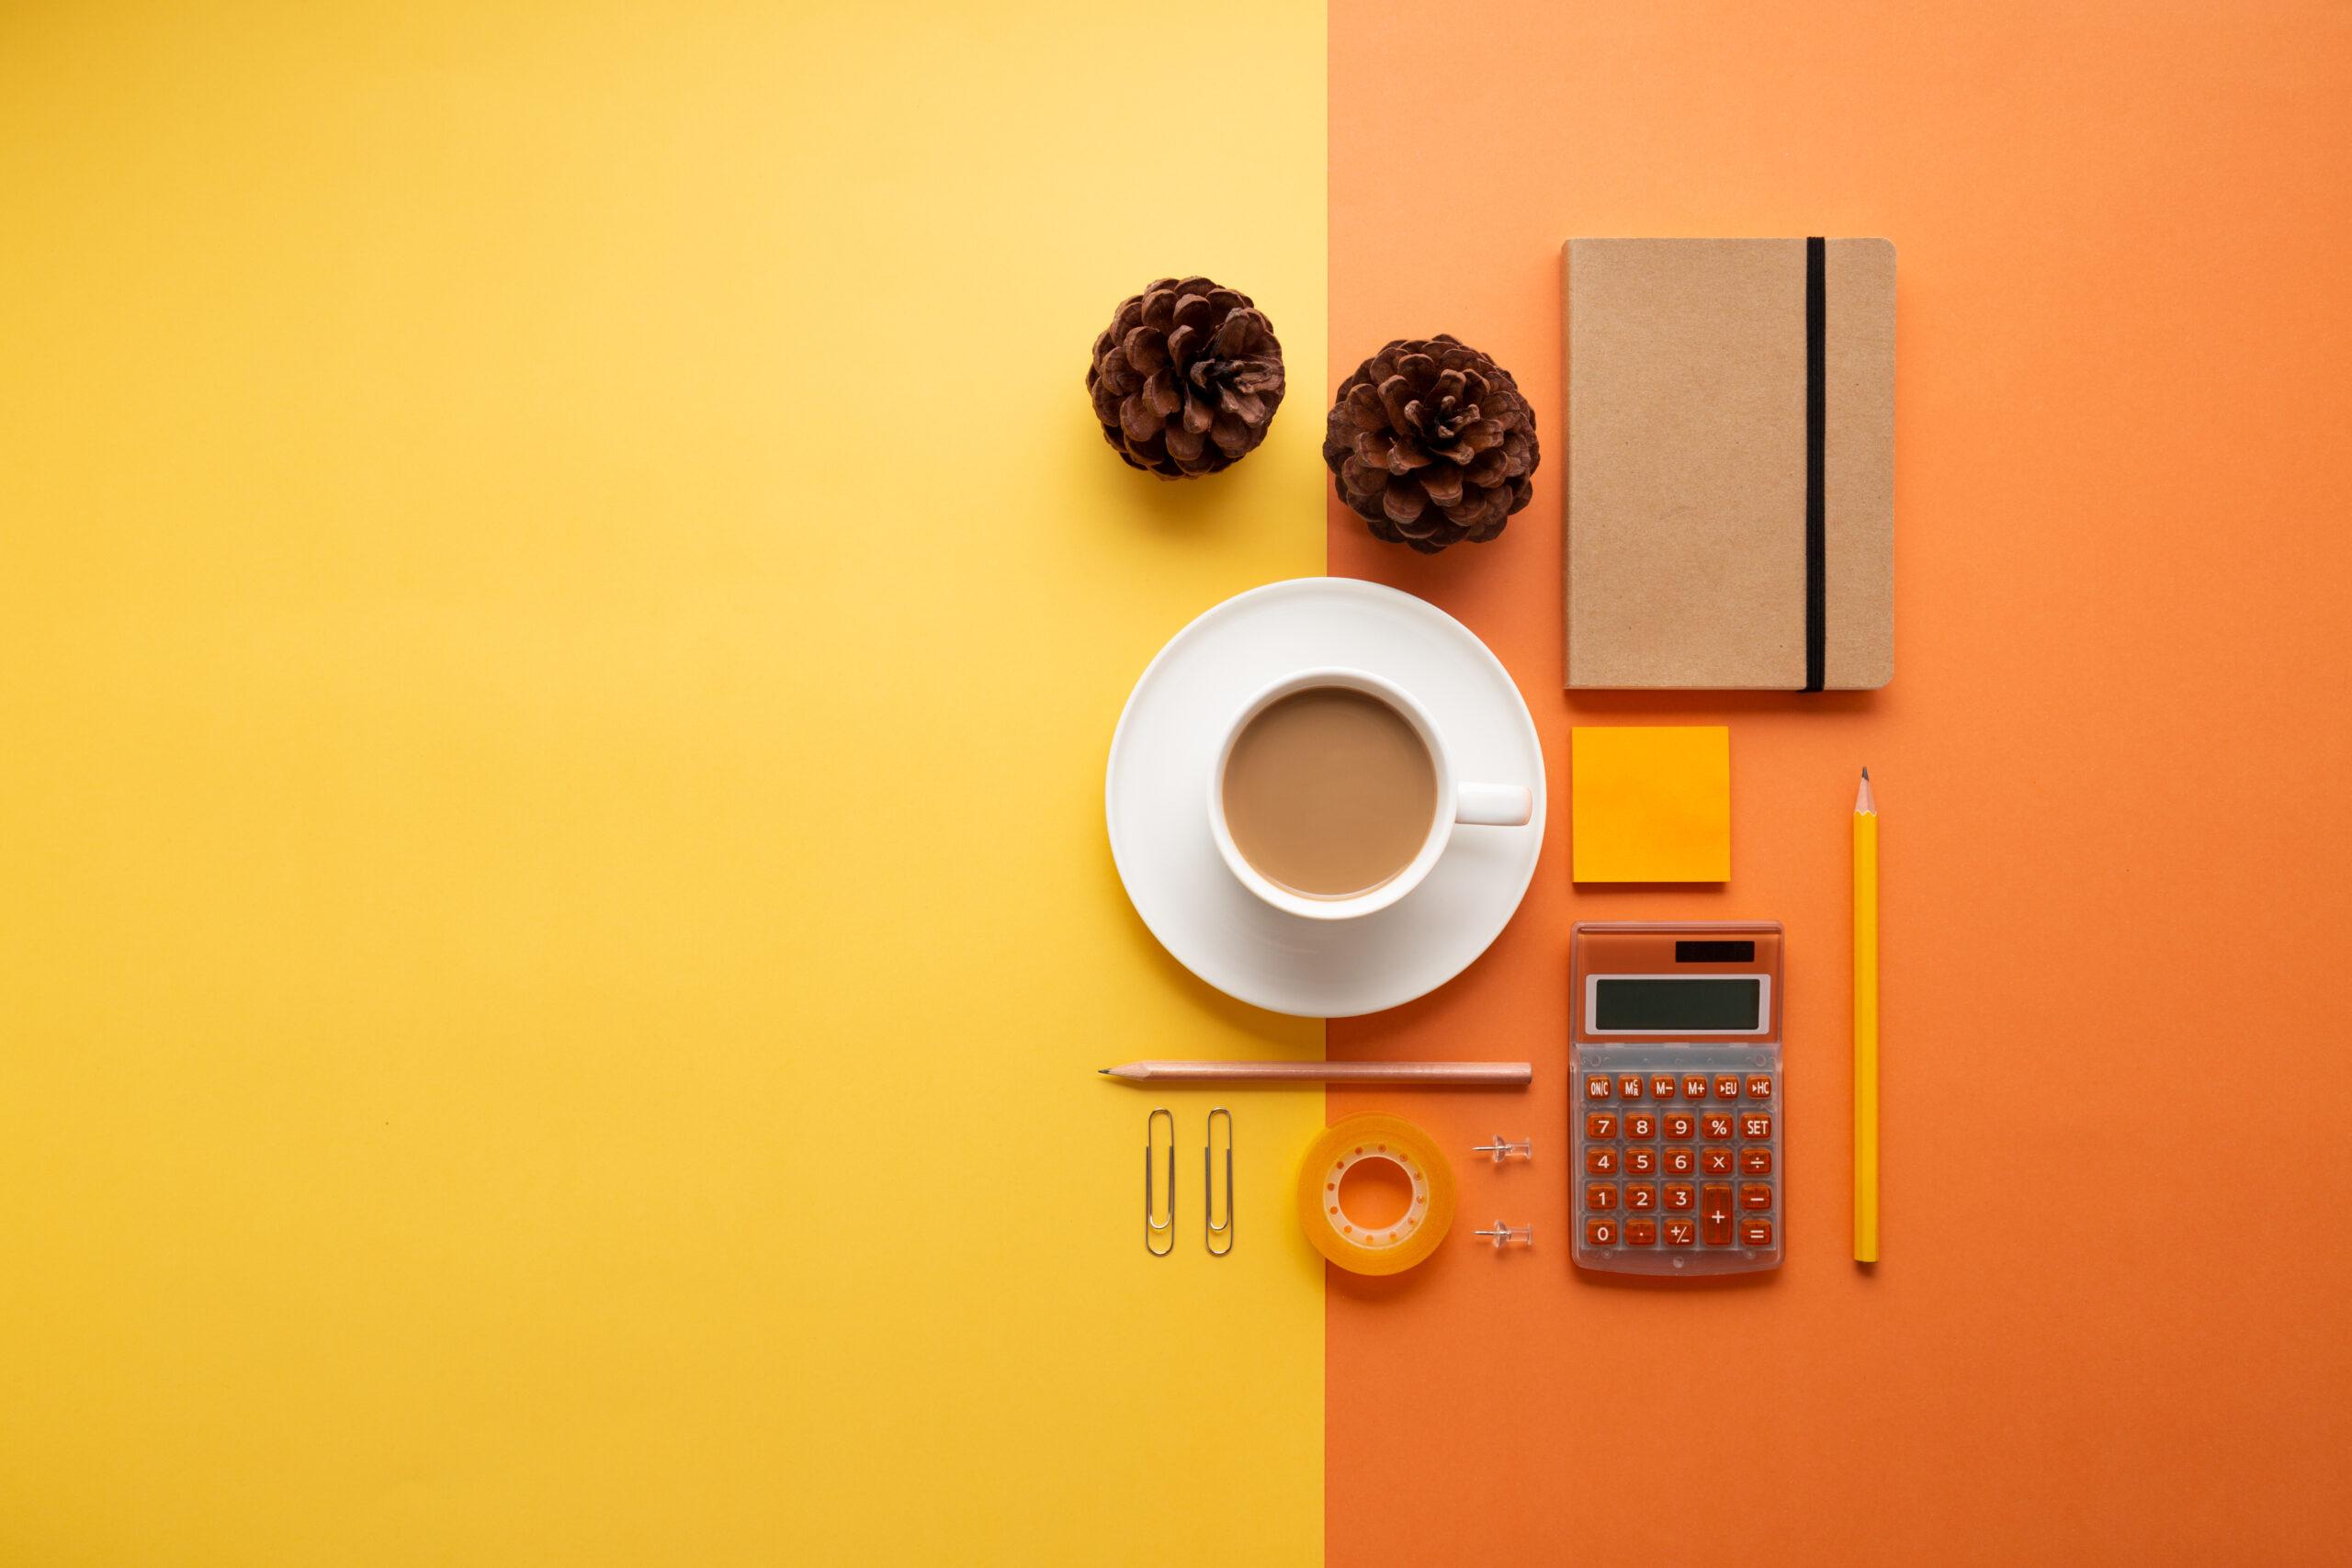 Tea calculator